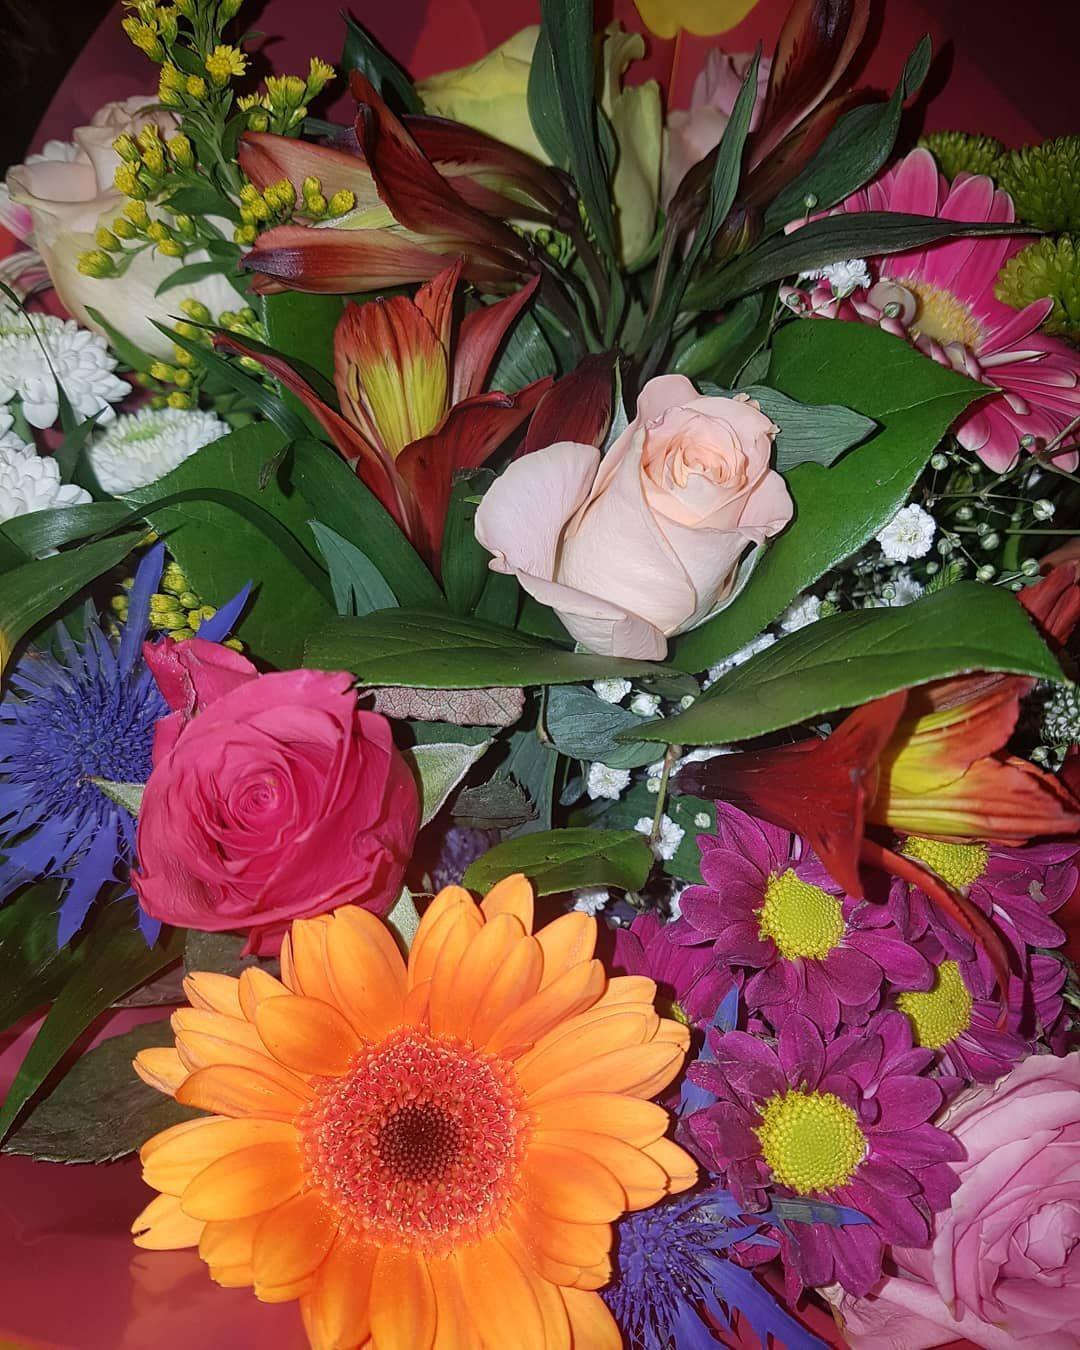 Mazzo Di Fiori Margherite.Fiori Flowers Blumen Flores Colours Colori Farben